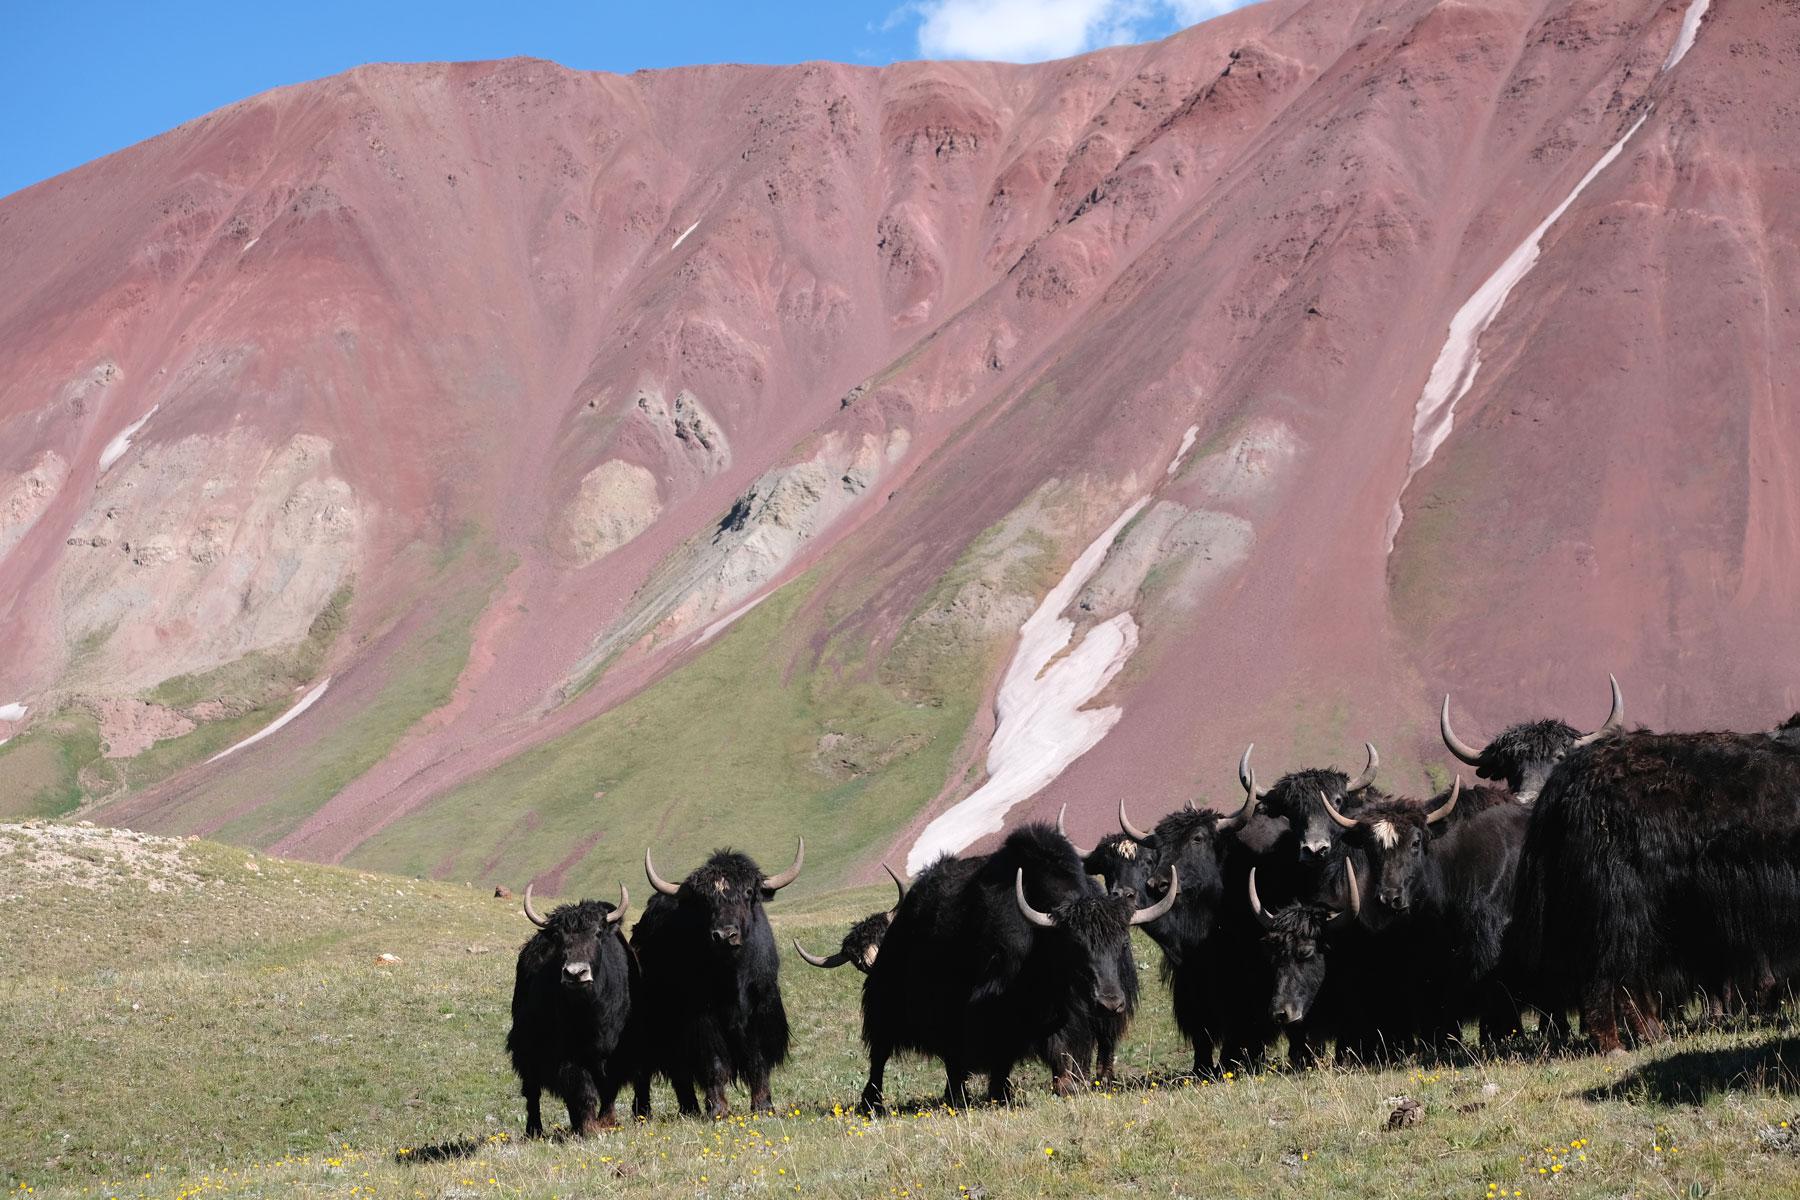 Yaks im Gebirge.